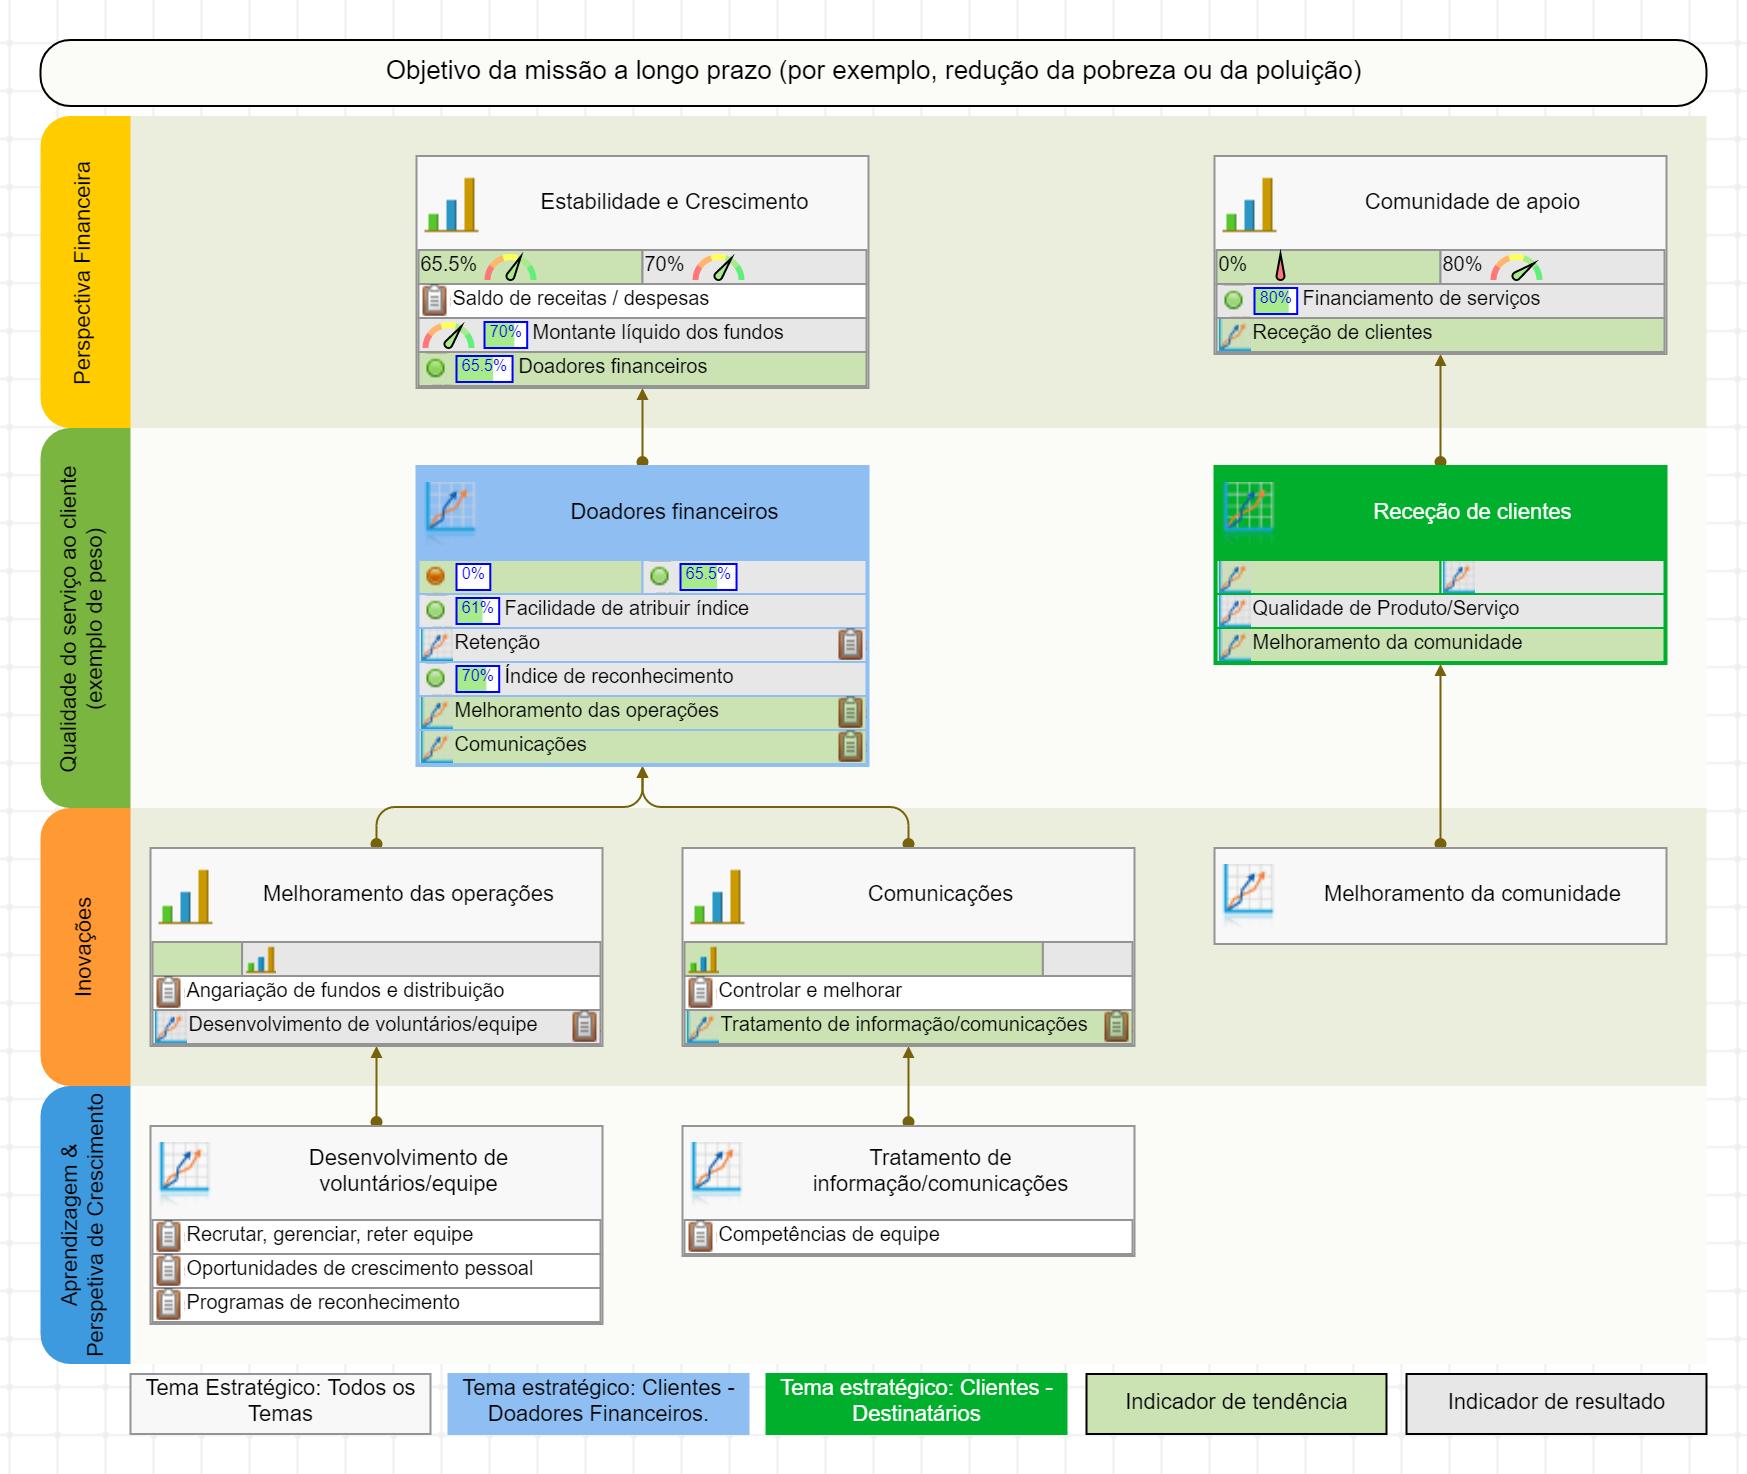 Exemplo de mapa de estratégia sem fins lucrativos